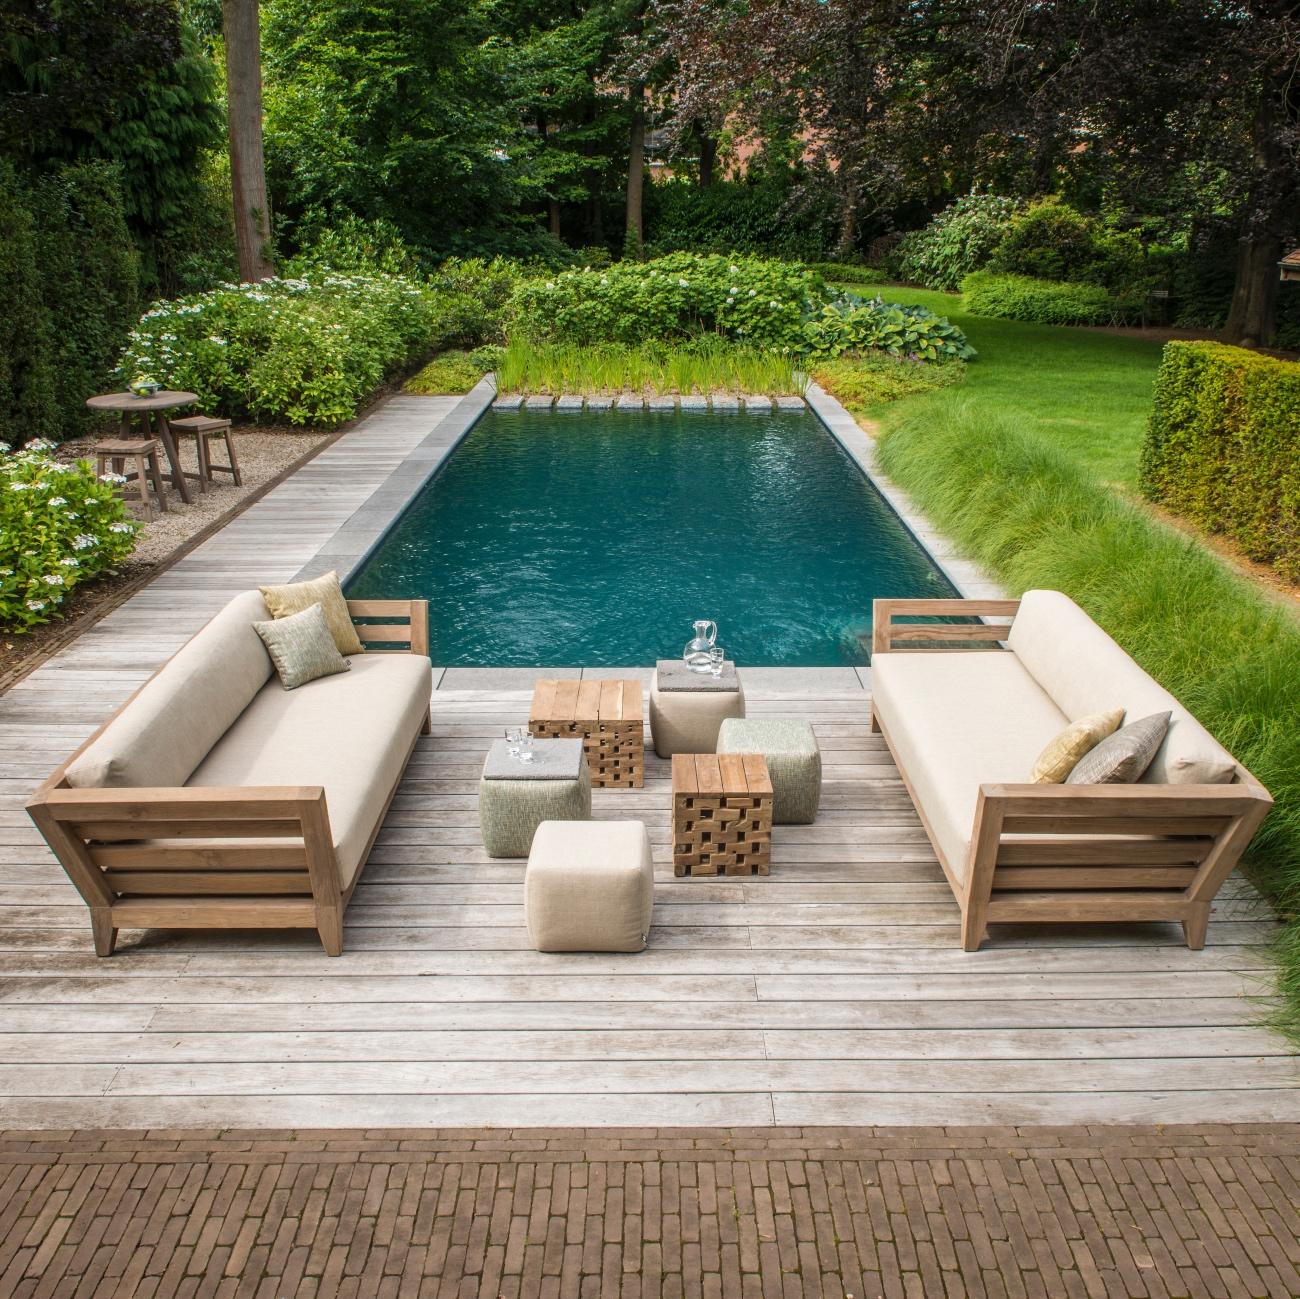 Gommaire mia 3 seater teak sofa luxury outdoor living for Luxury outdoor living